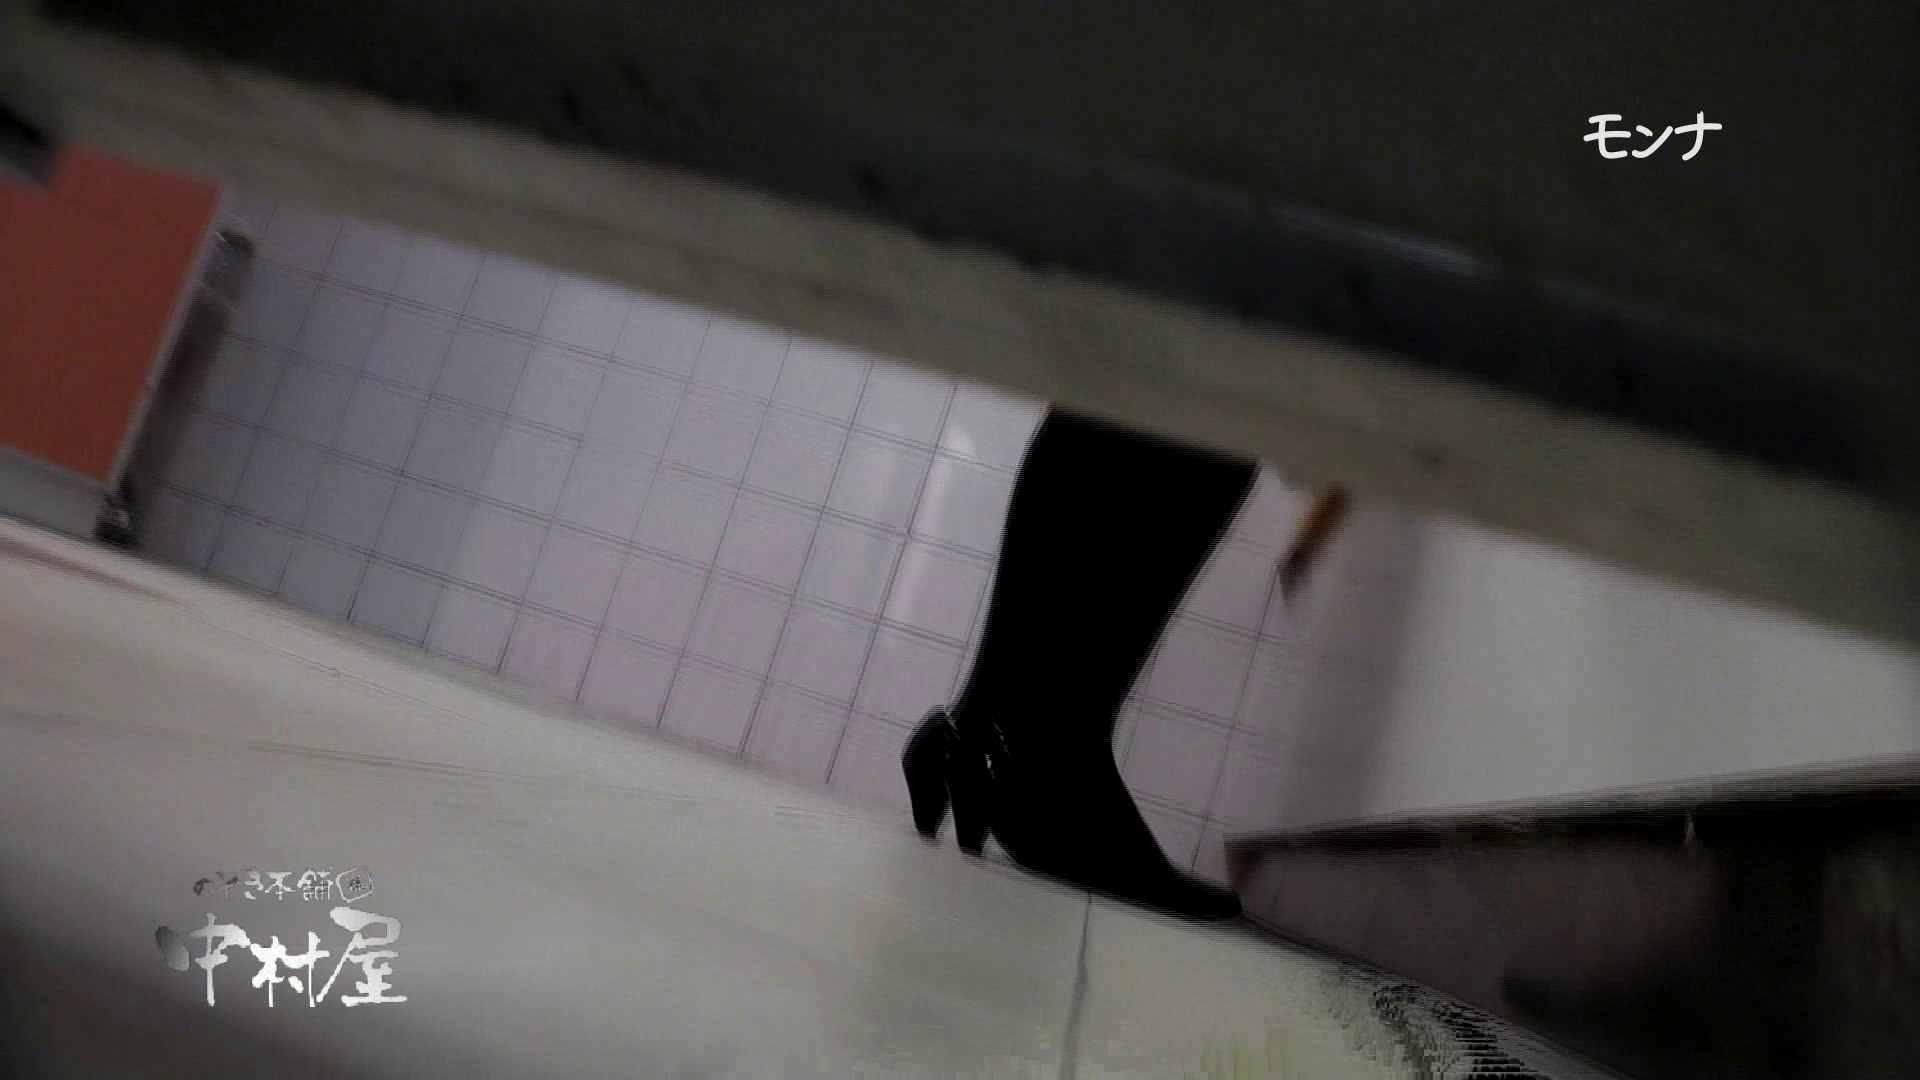 【美しい日本の未来】新学期!!下半身中心に攻めてます美女可愛い女子悪戯盗satuトイレ後編 悪戯 | 下半身  97pic 20